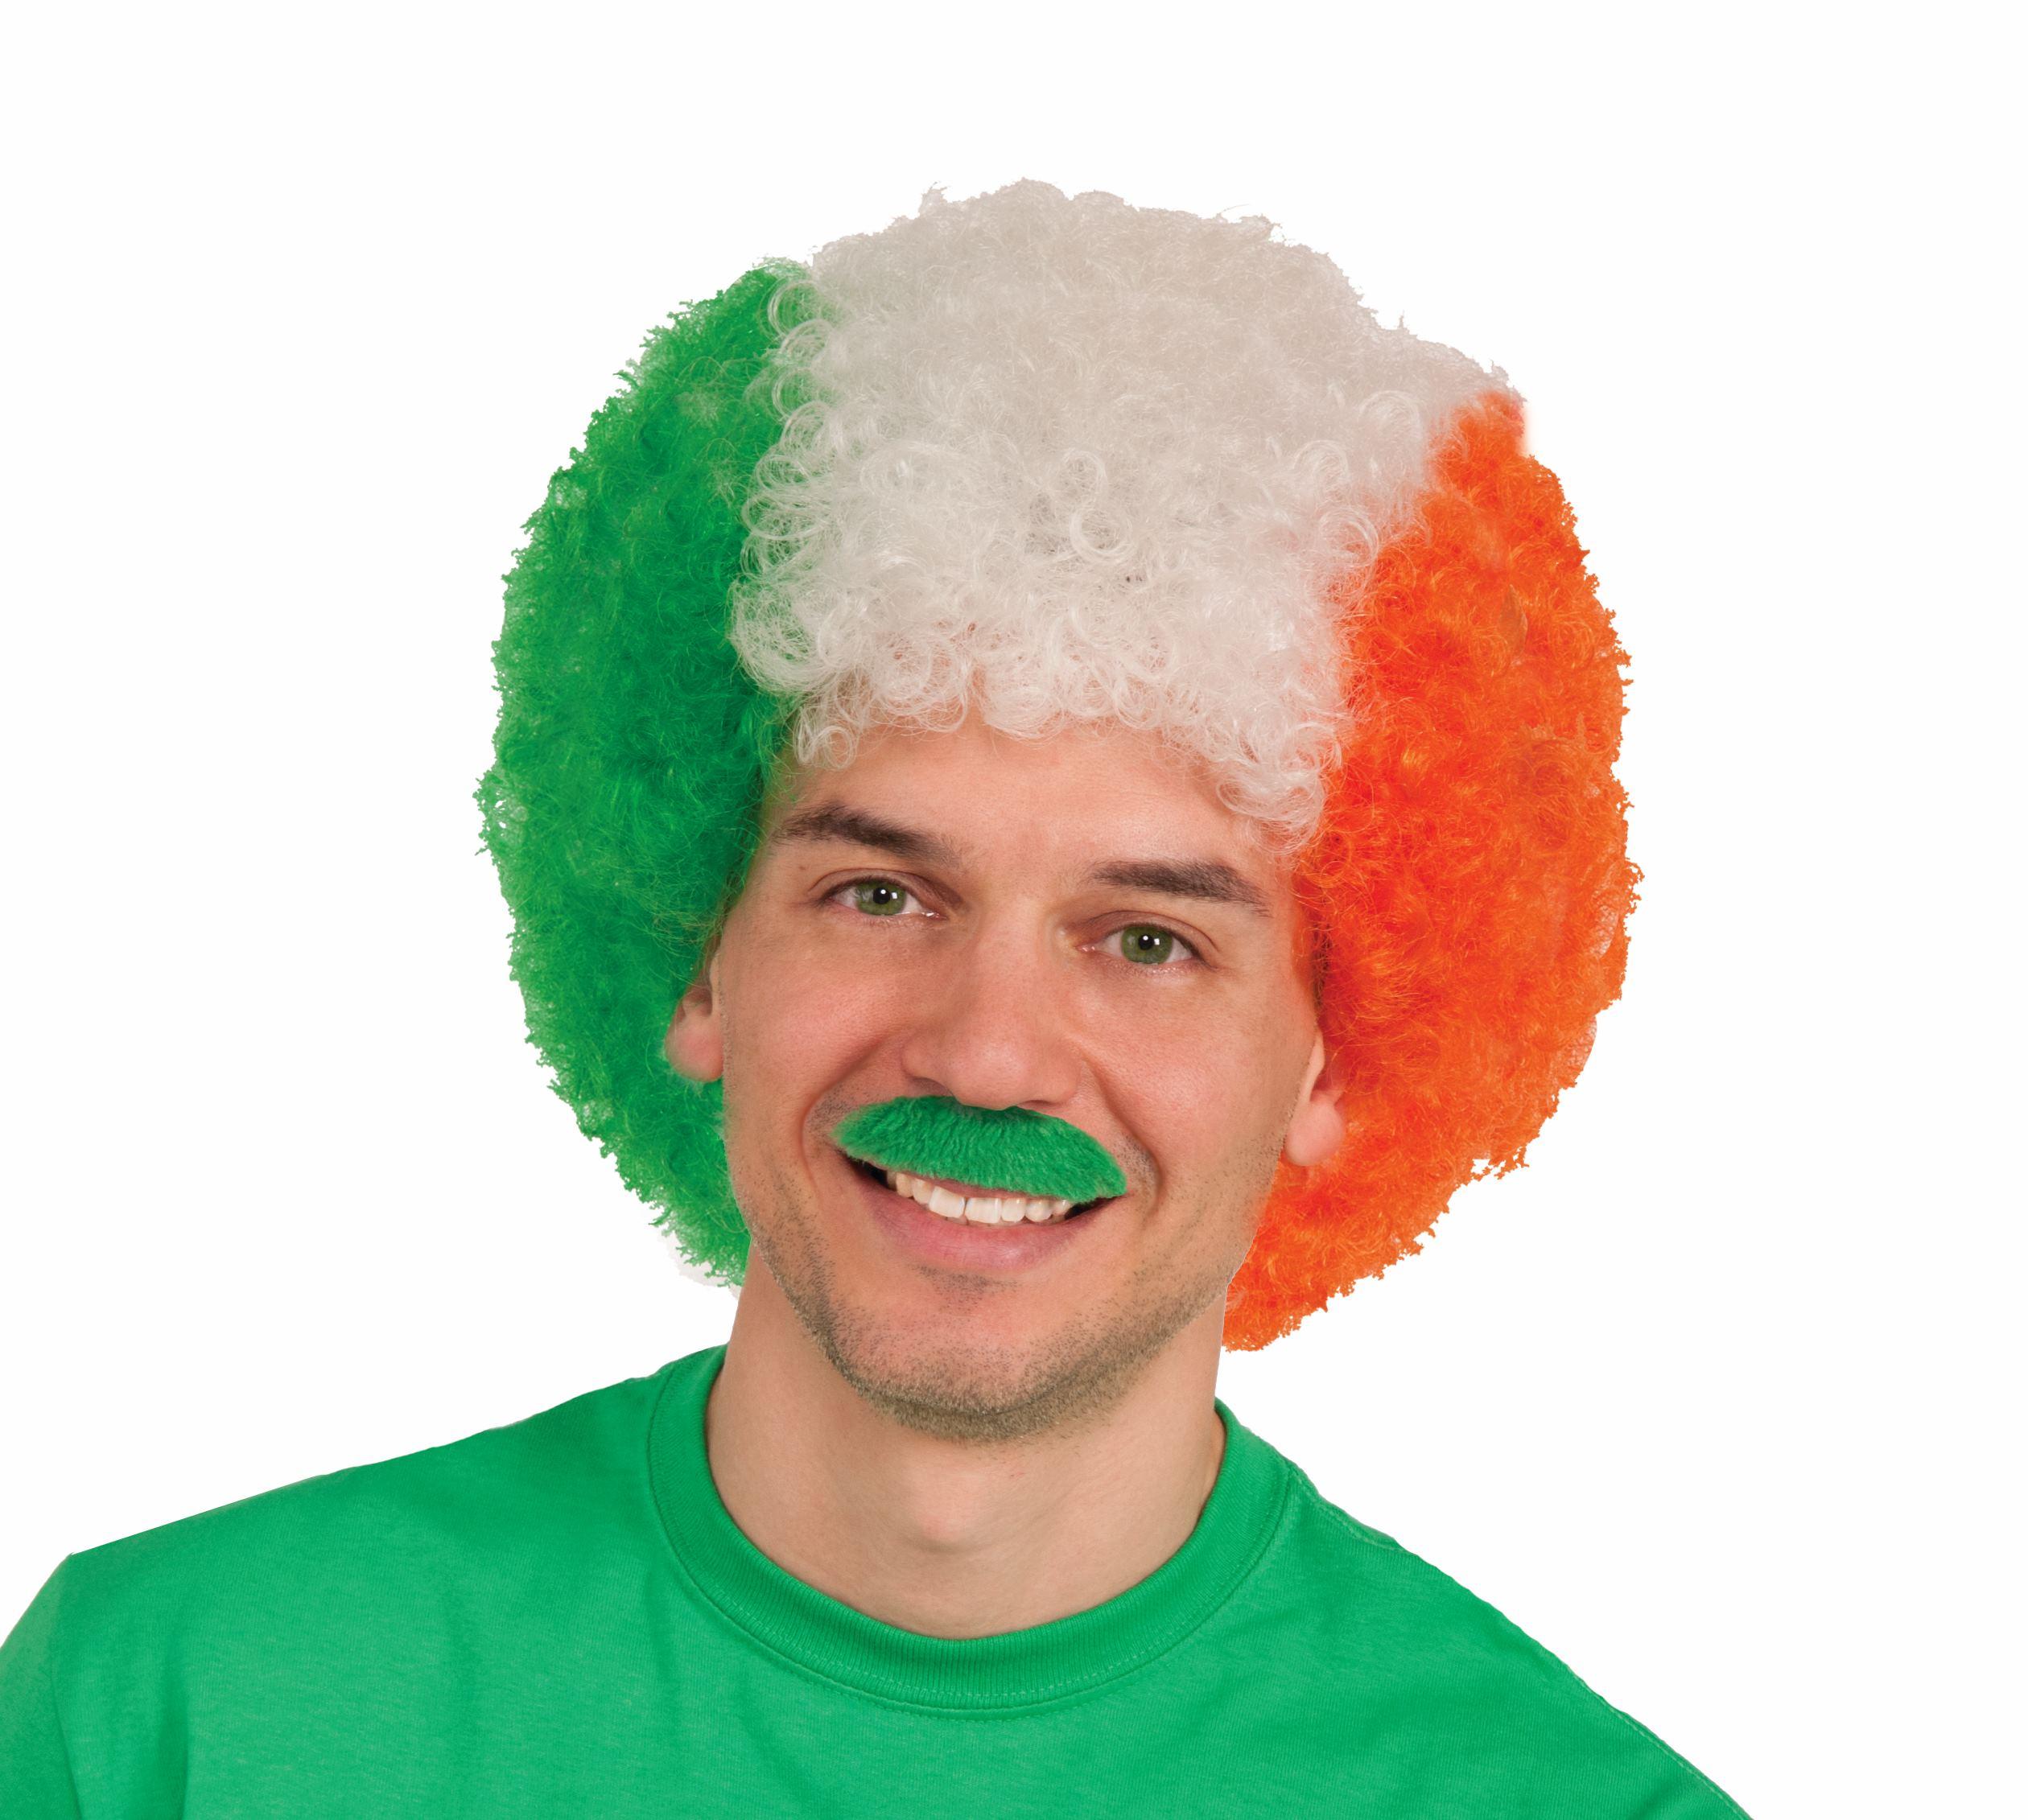 Irish Afro - Green, Orange & White-0